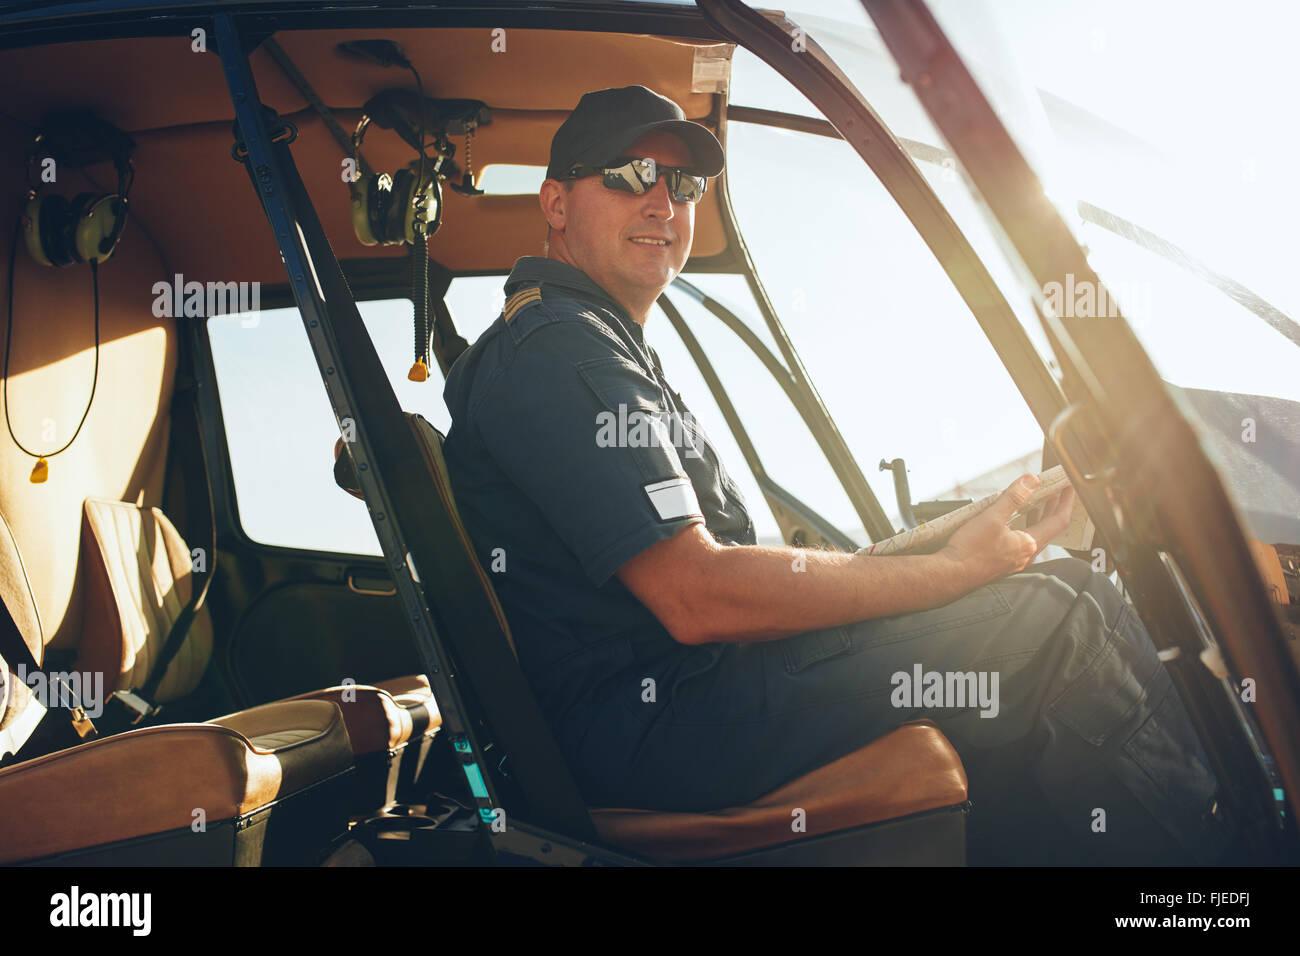 Ritratto di felice pilota maschile seduto in cabina di pilotaggio di un elicottero con una mappa per aviazione. Immagini Stock